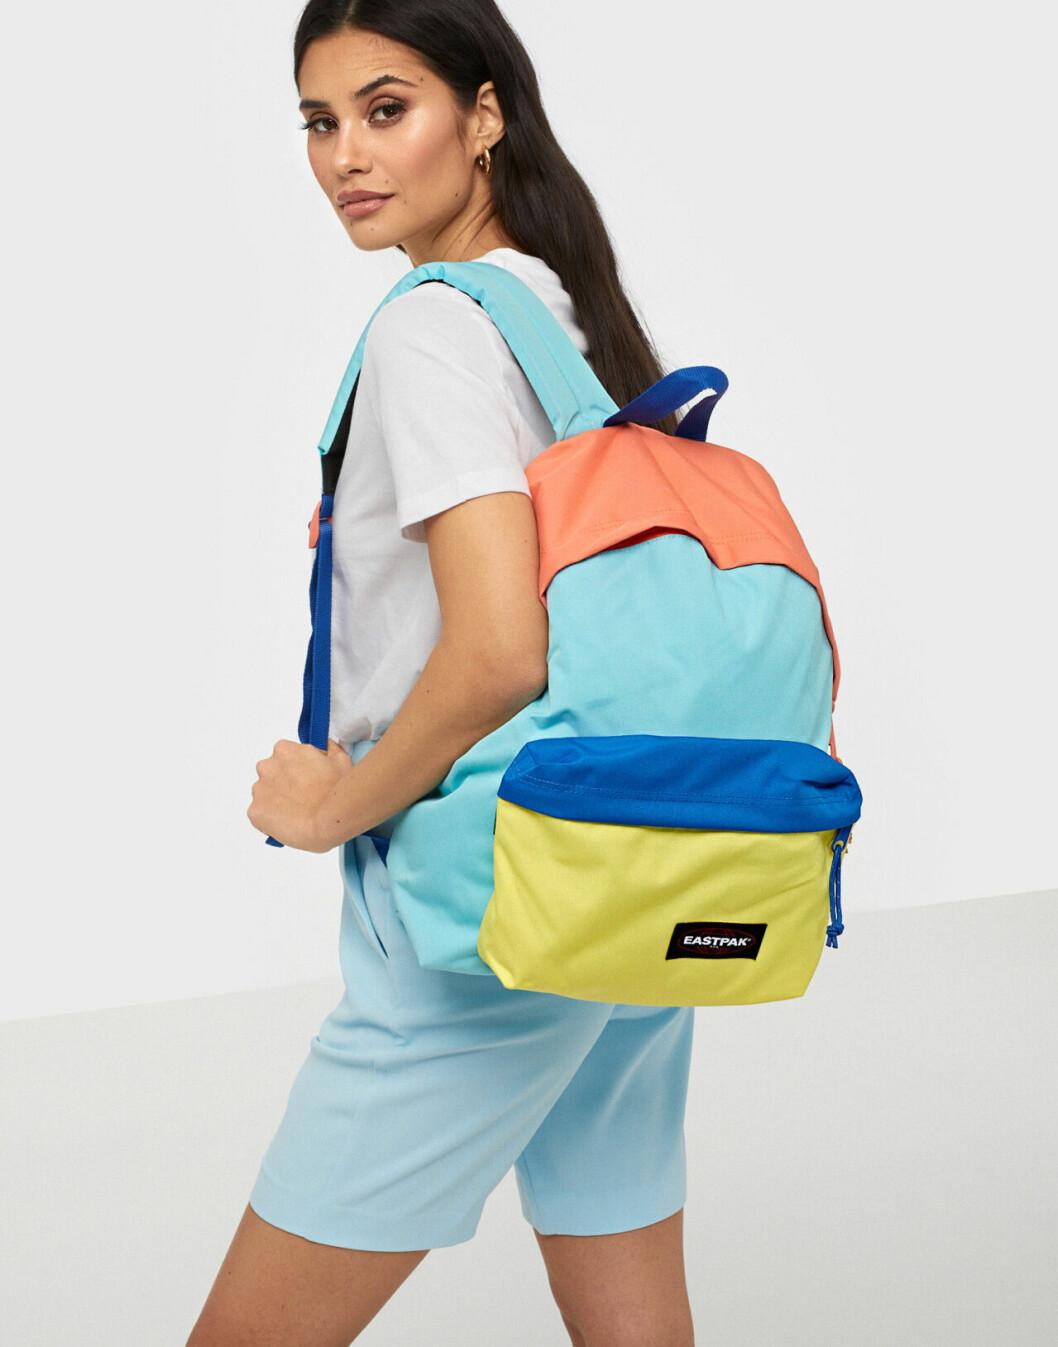 Färgglad ryggsäck från Eastpak